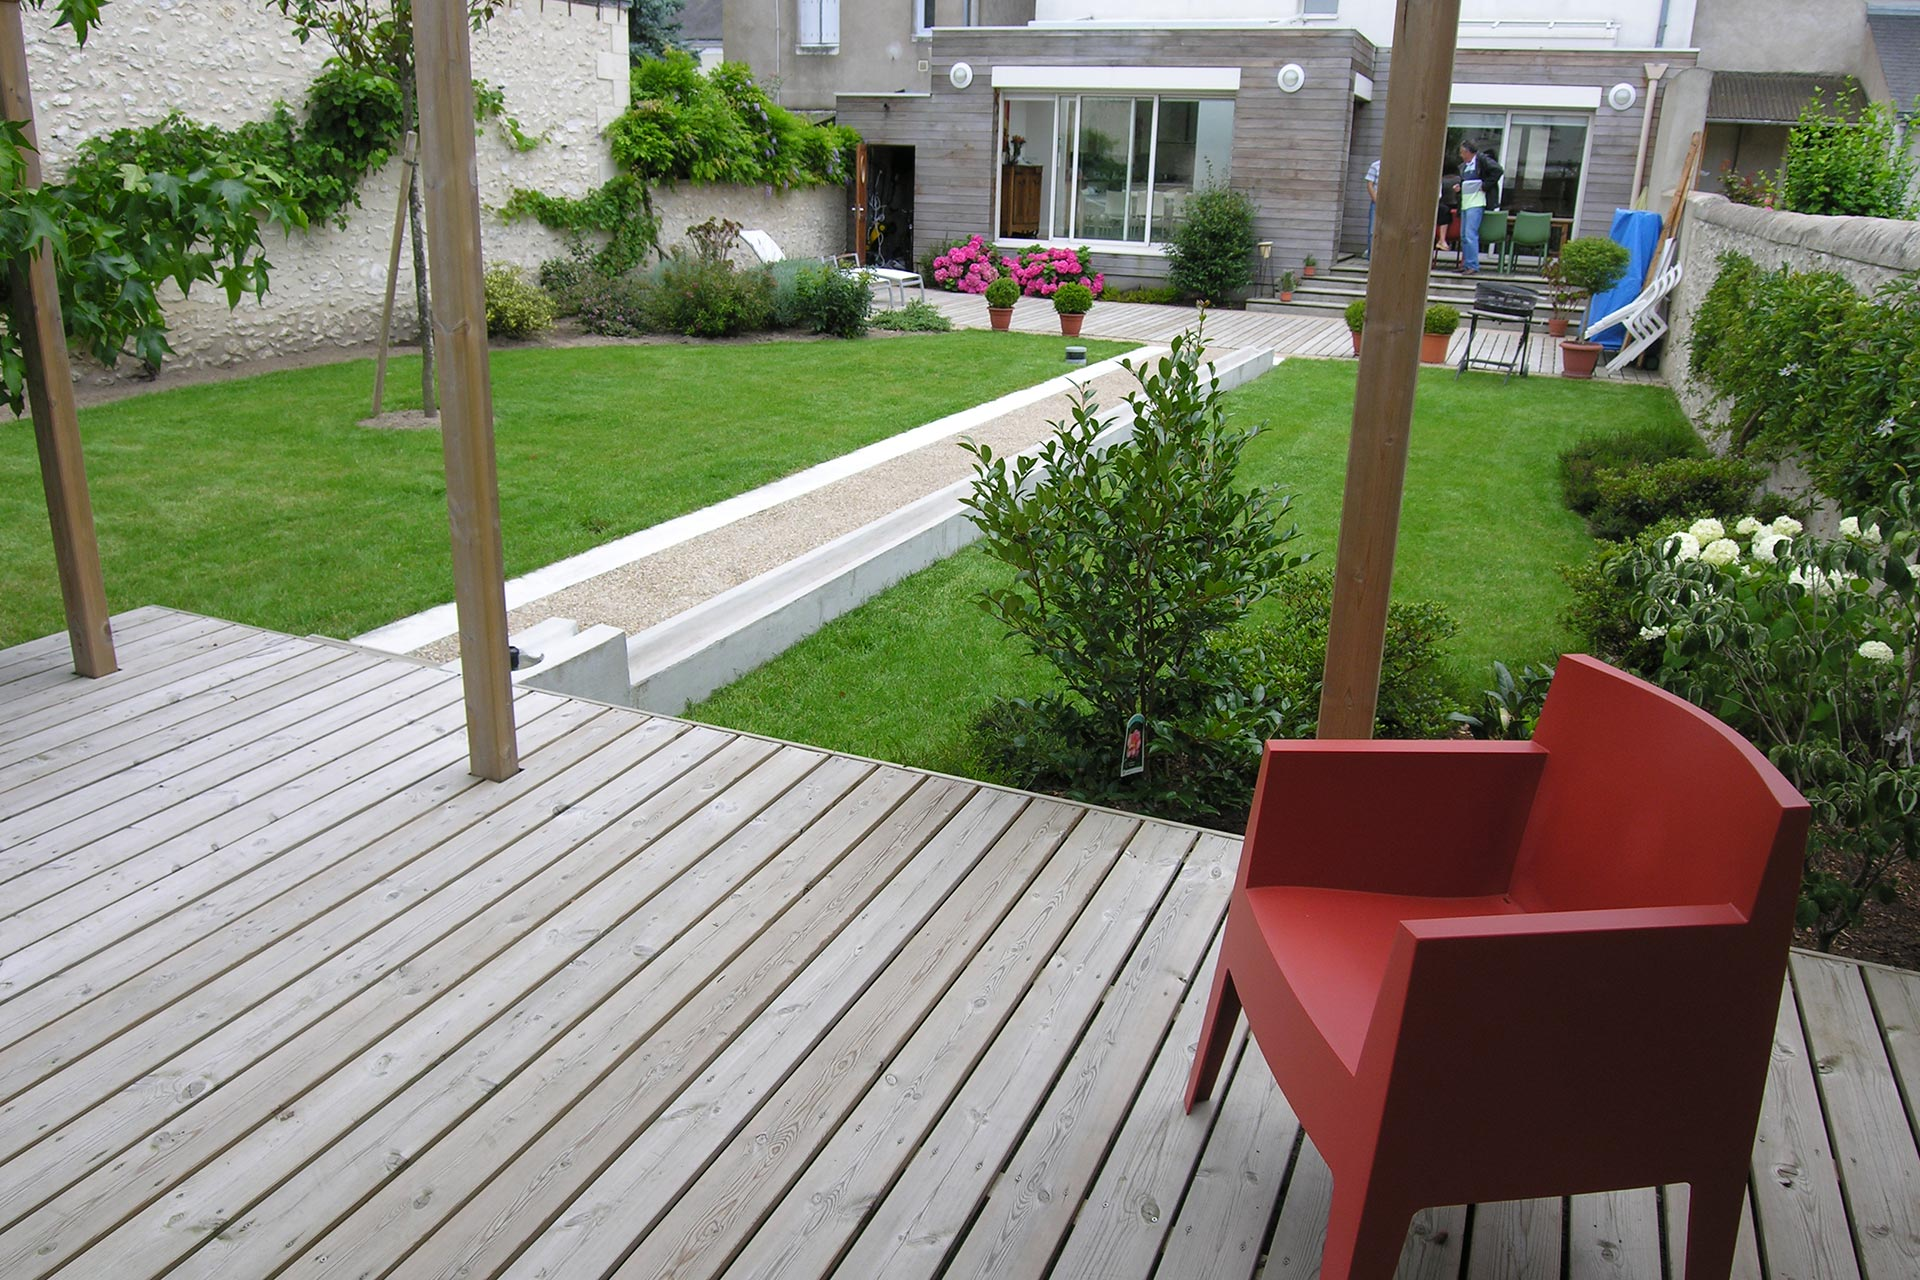 Serrault Jarrdins conçoit des terrasses bois, en dallage ou encore en pavés.